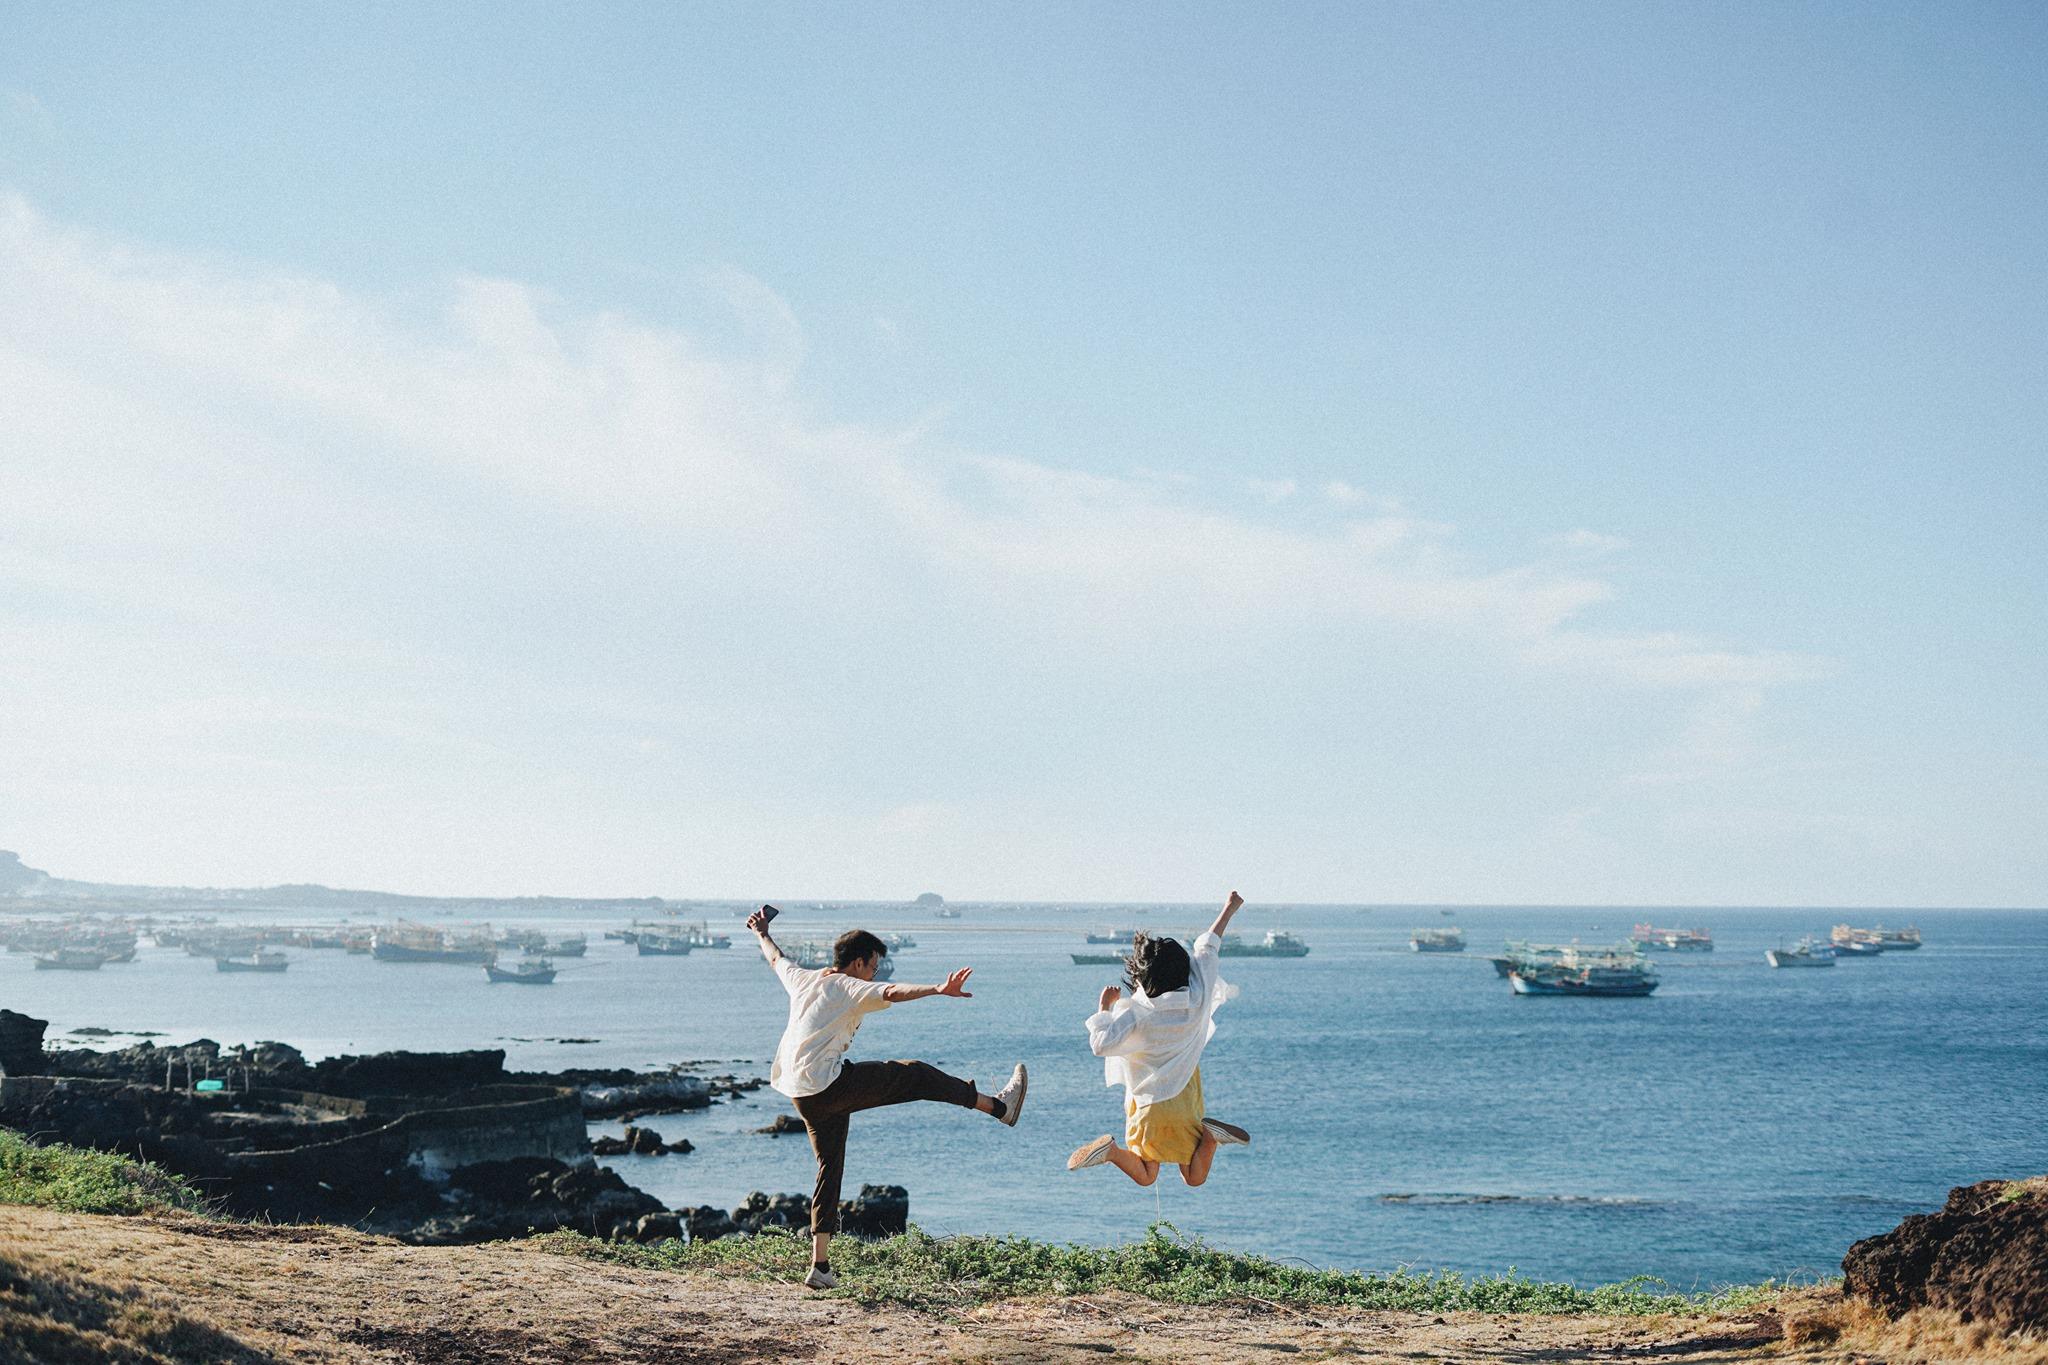 Tạm biệt thành phố chật chội náo nức, mình về miền biển xa vắng trong xanh ở hòn đảo Phú Quý vẫn còn hoang sơ nhé